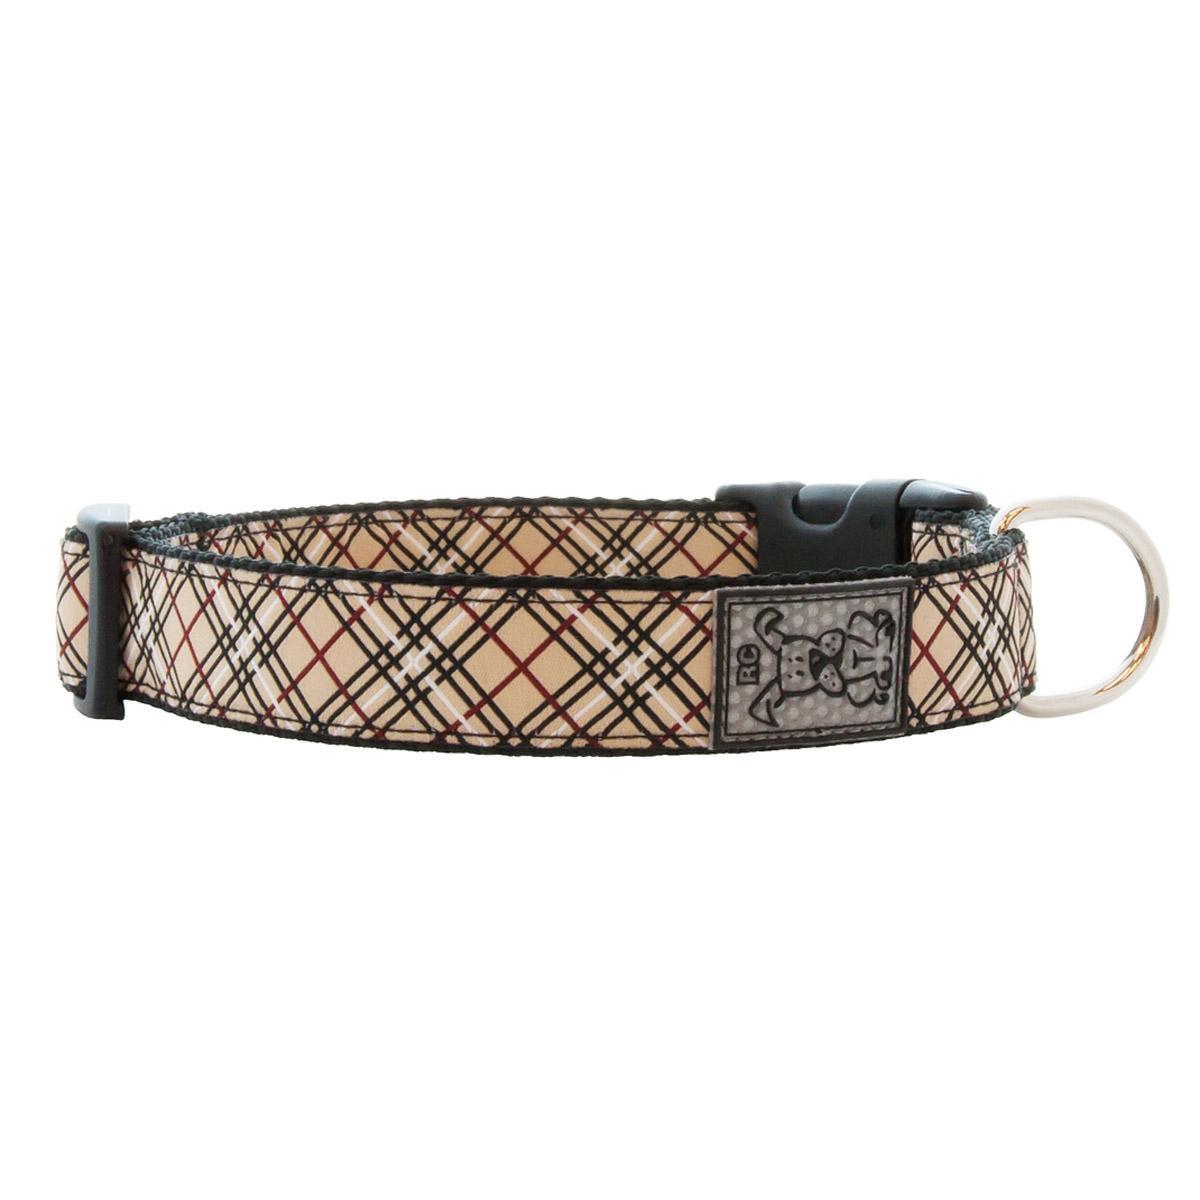 Tartan Adjustable Clip Dog Collar by RC Pet - Tan